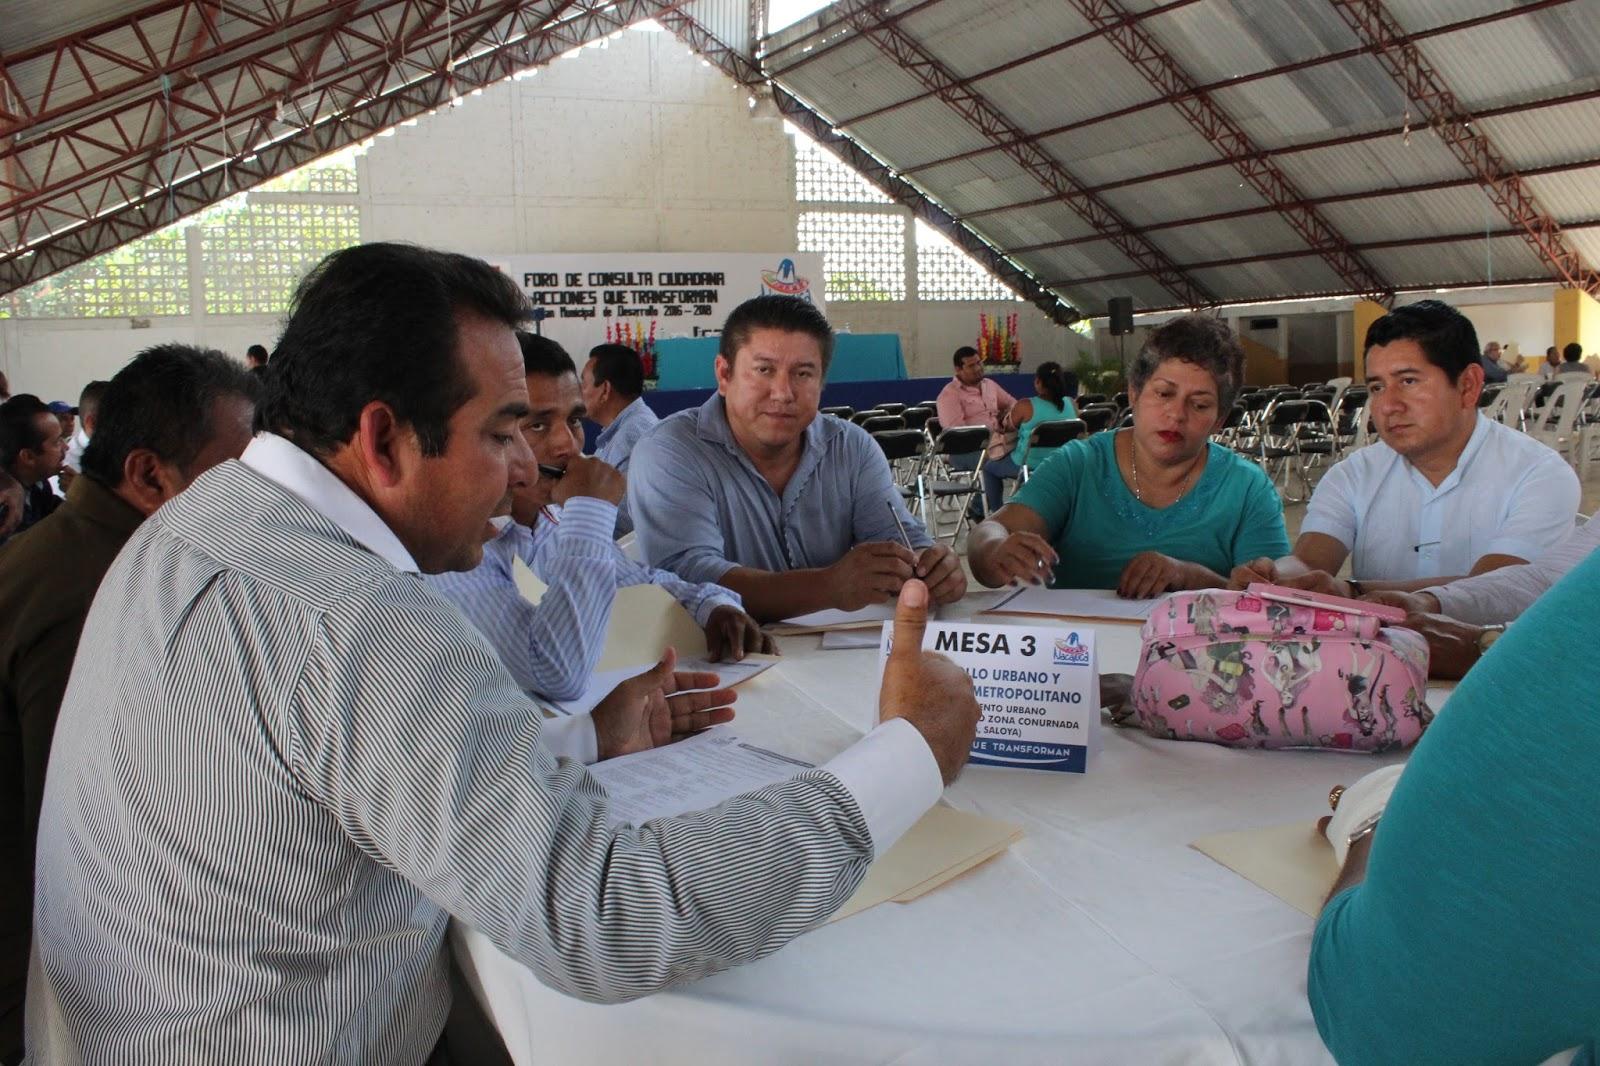 Noticias en linea de tabasco inaugura en nacajuca for Ing mesa y lopez